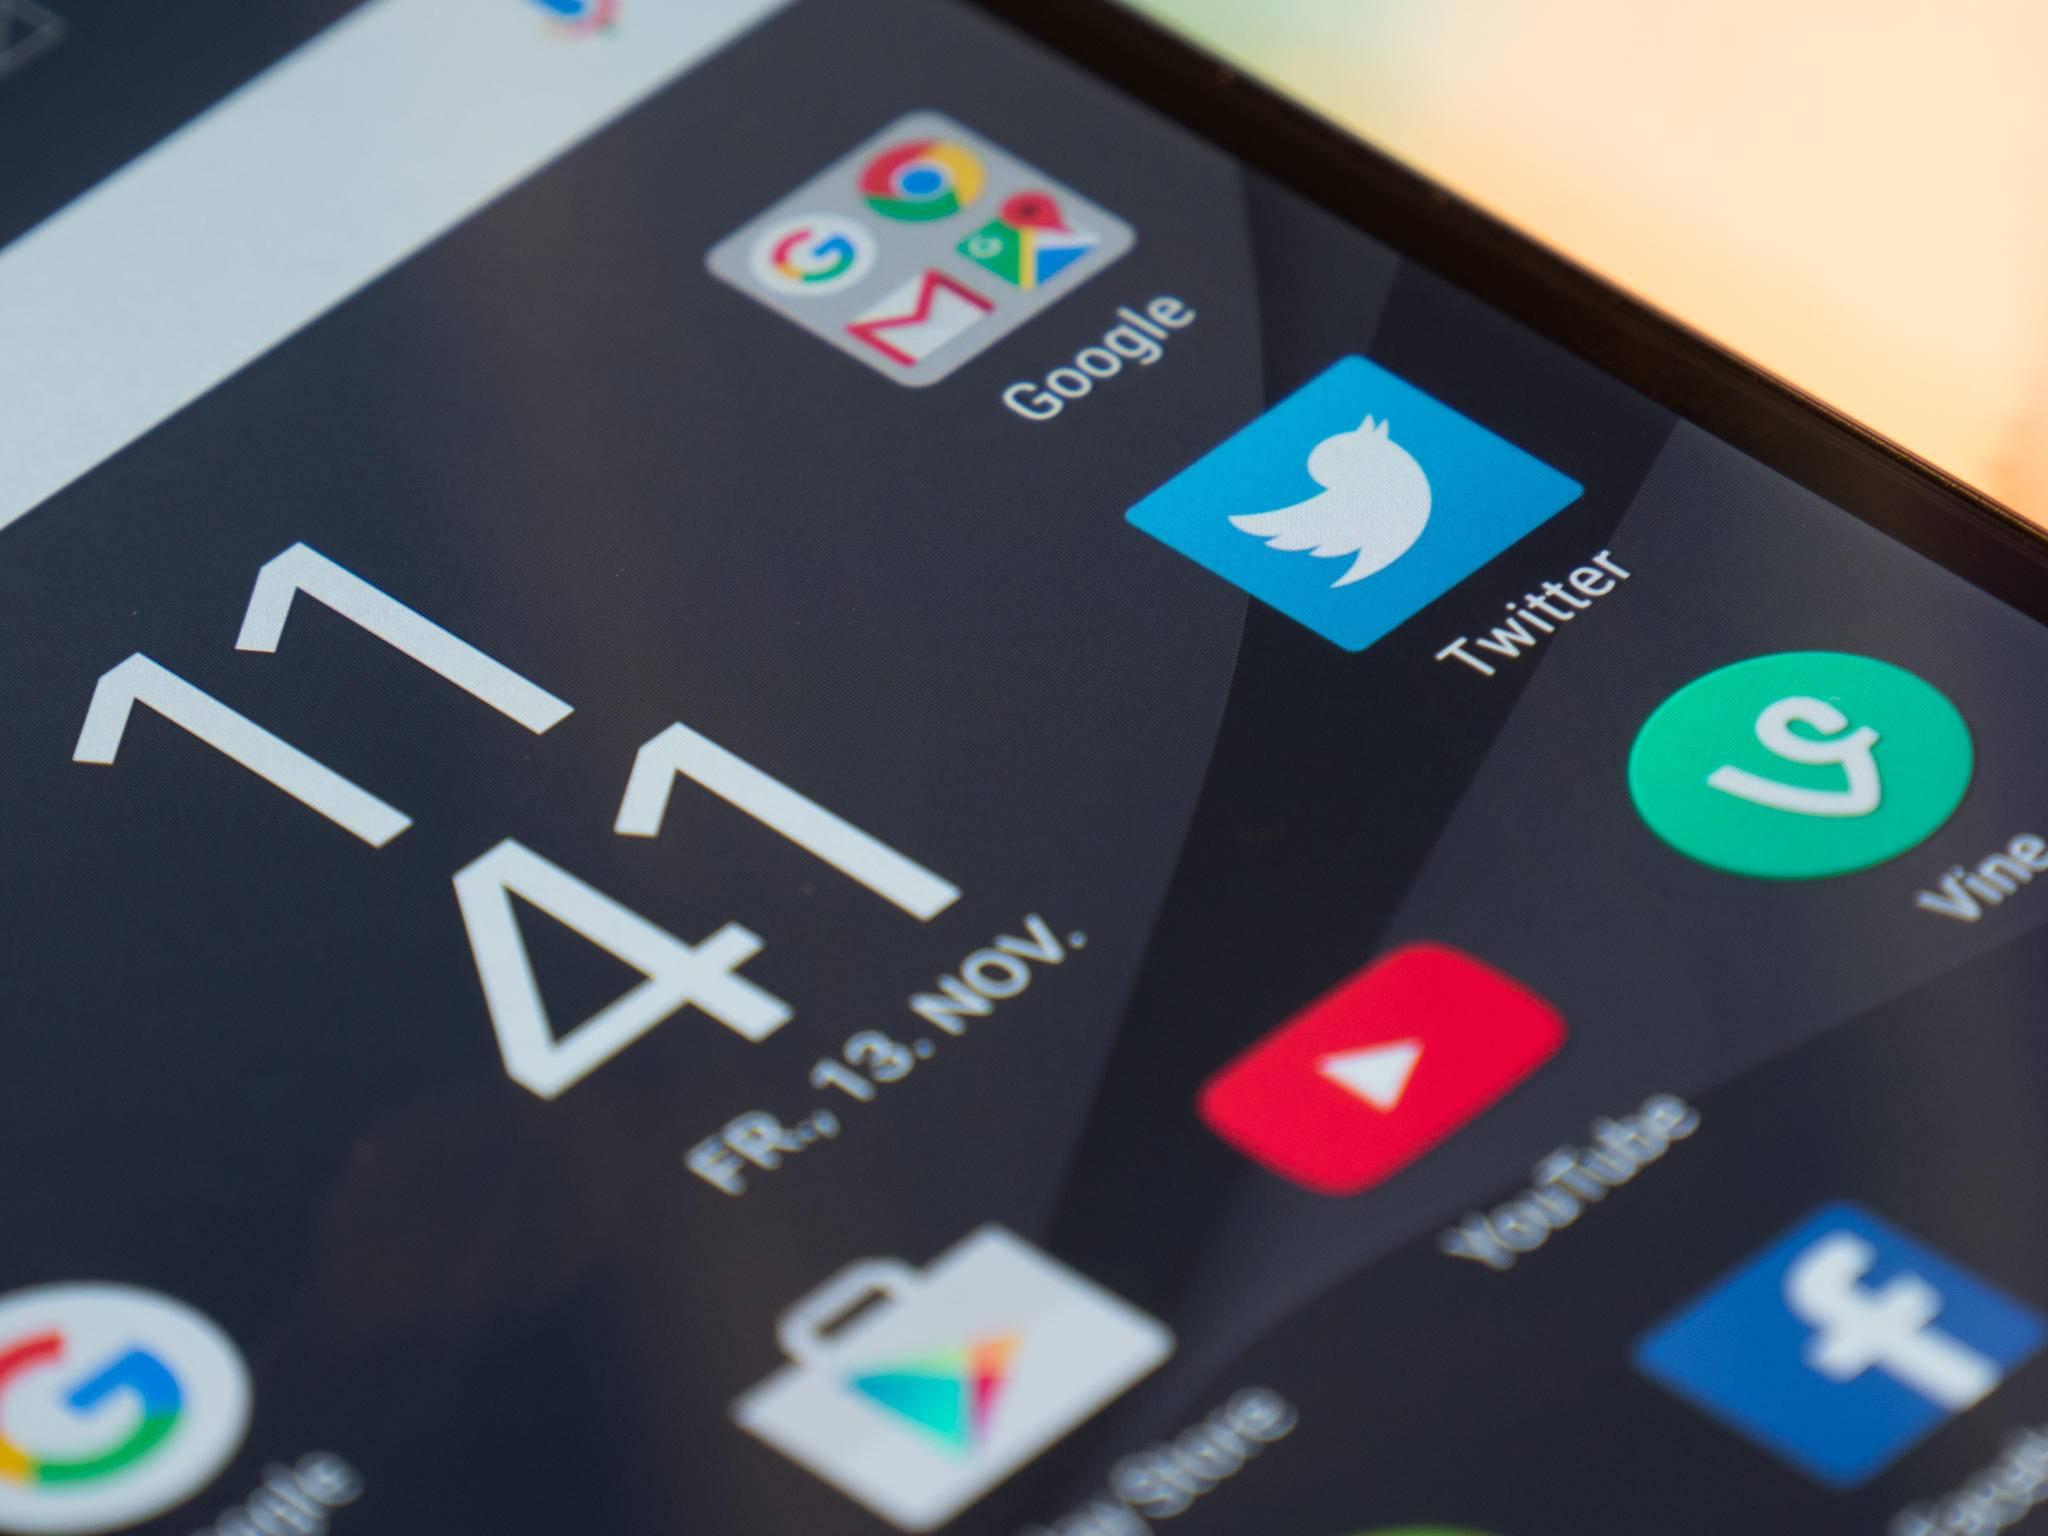 Wird Twitter bald von Google übernommen?